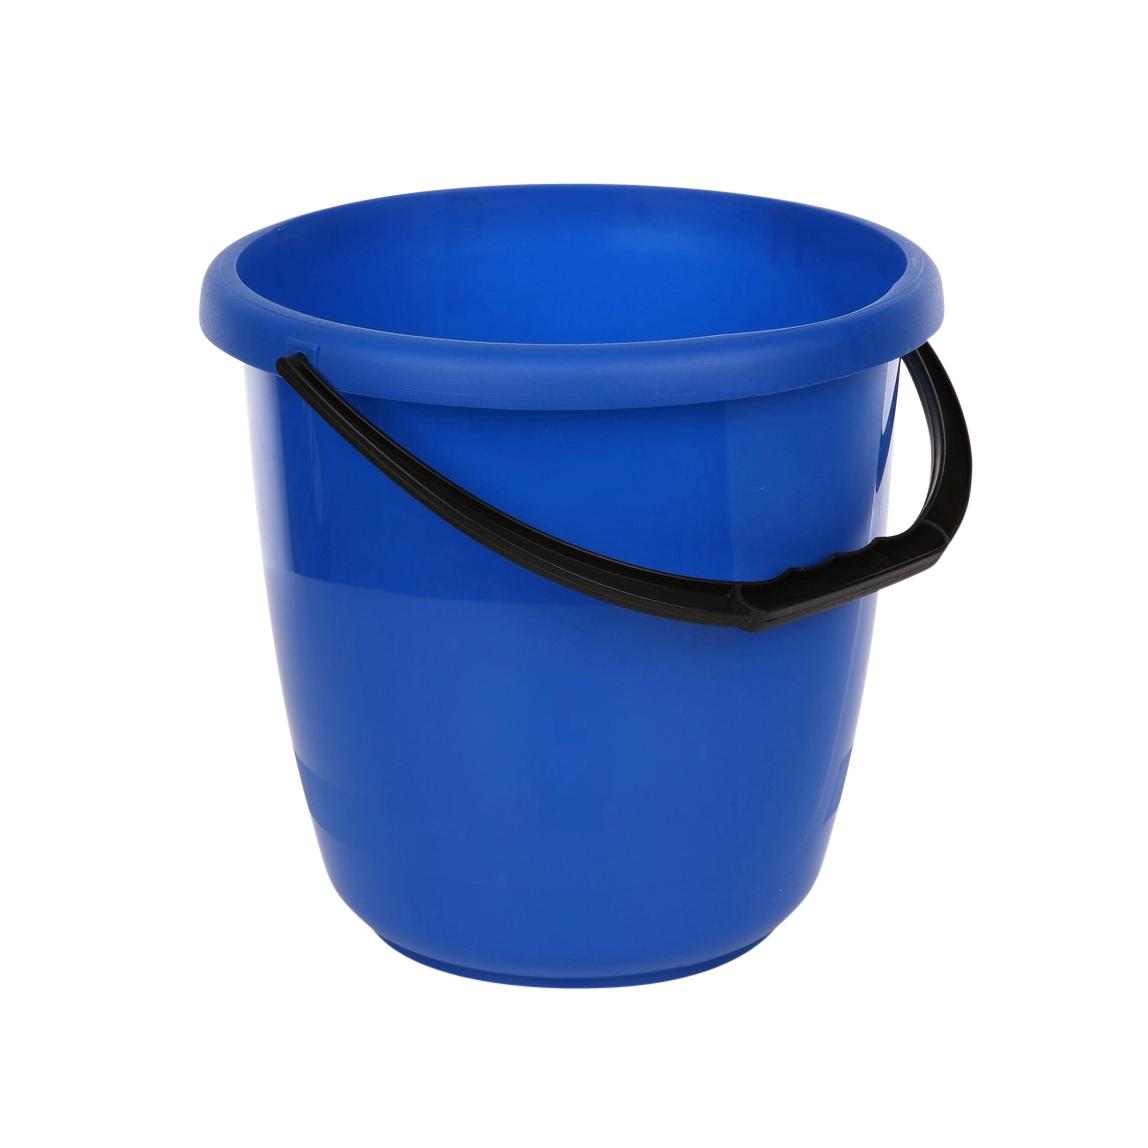 Wiadro plastikowe ARTGOS DELTA 6l niebieskie